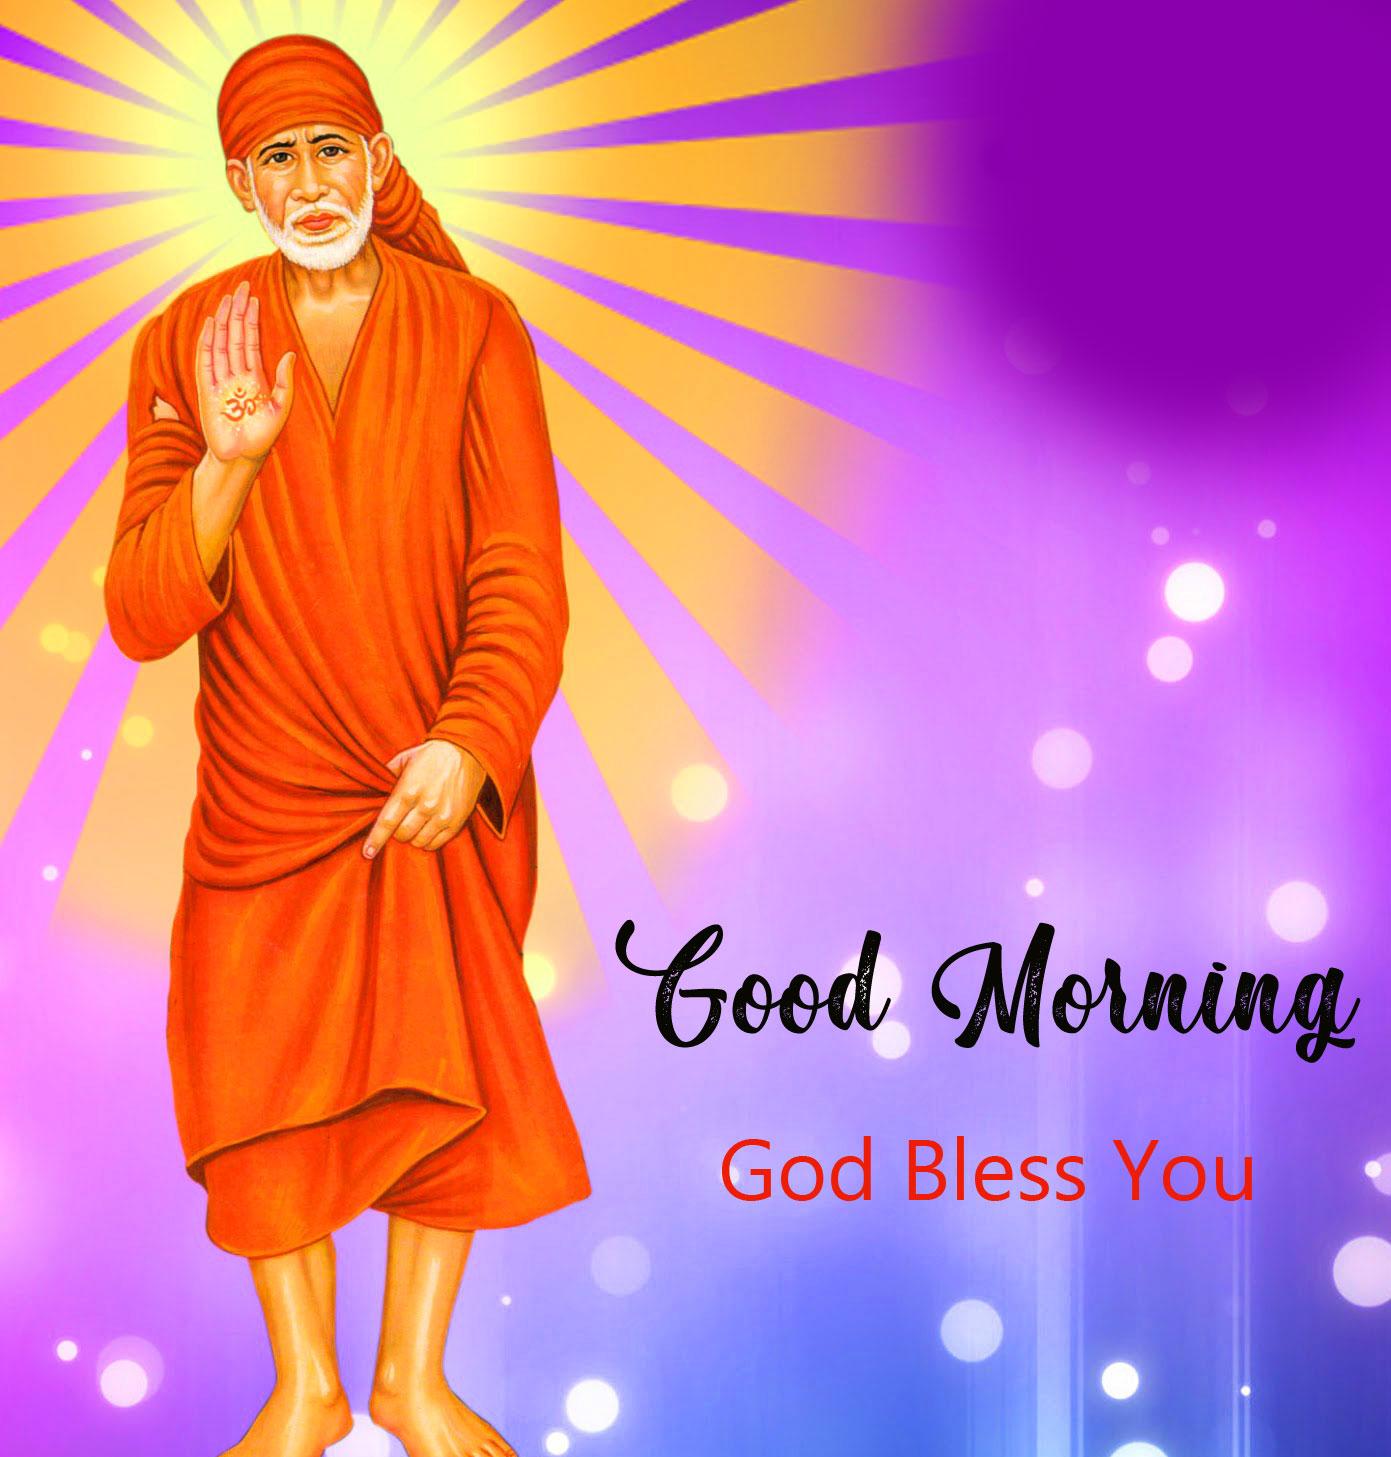 Nice Sai Baba Good Morning Images wallpaper free download